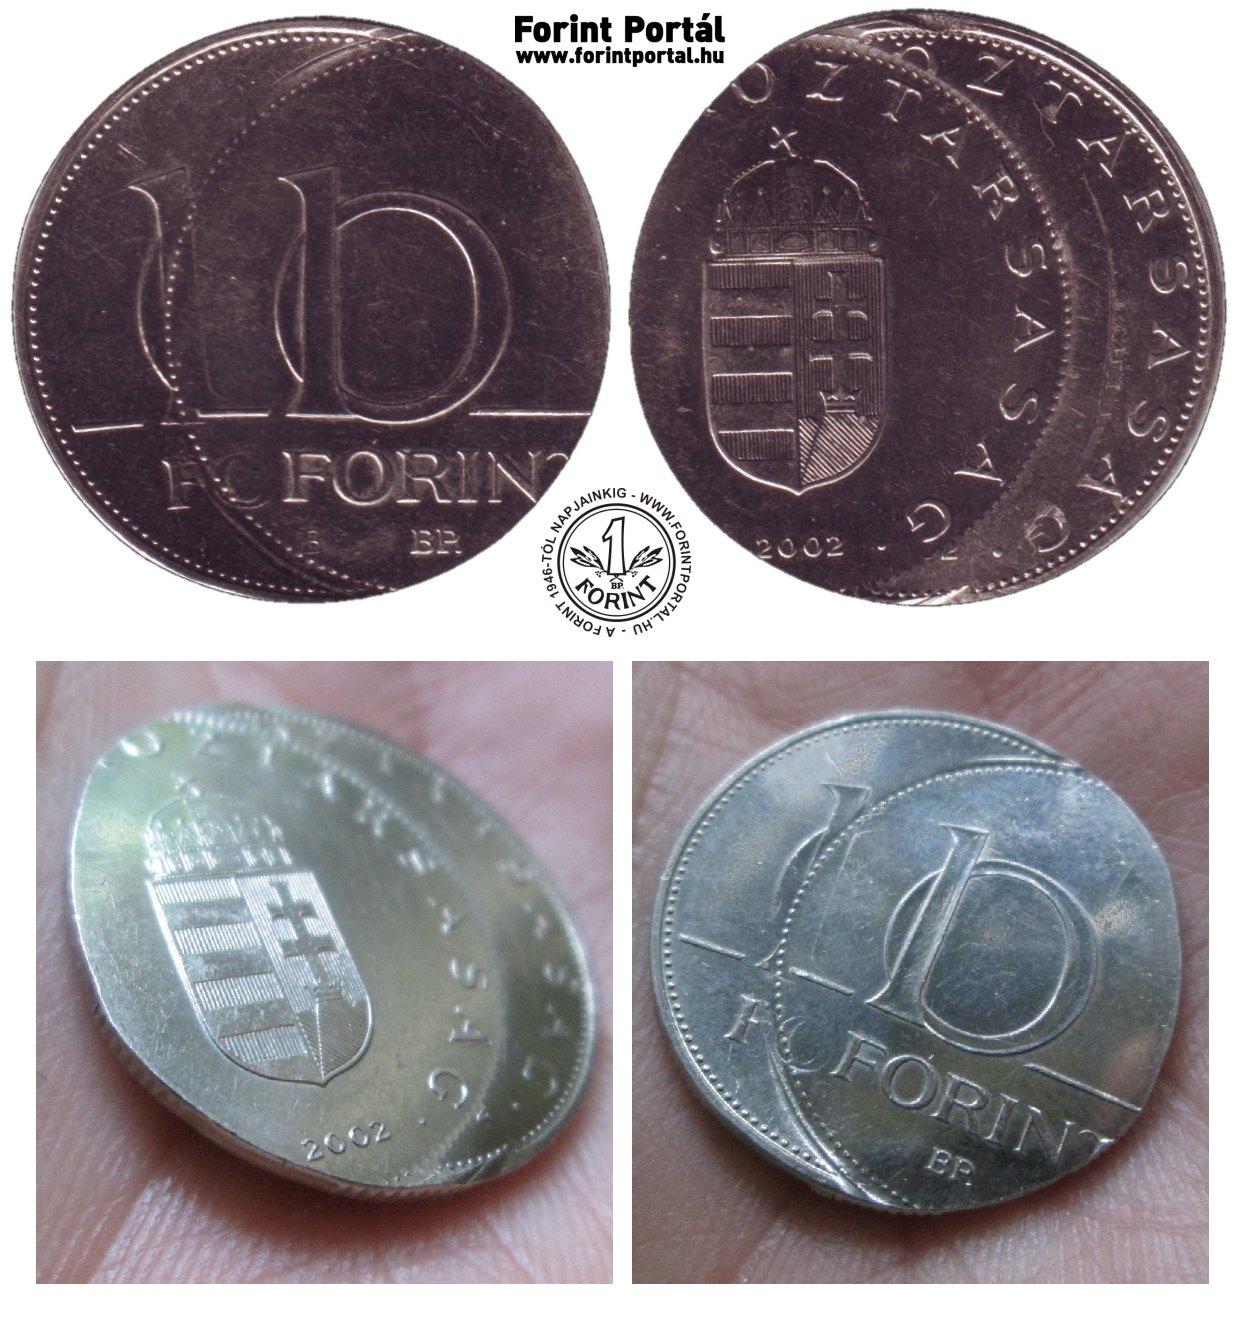 http://www.forintportal.hu/ritkasagkatalogus/10_forint/www_forintportal_hu_2002_10forint_hibas_felrevert.jpg